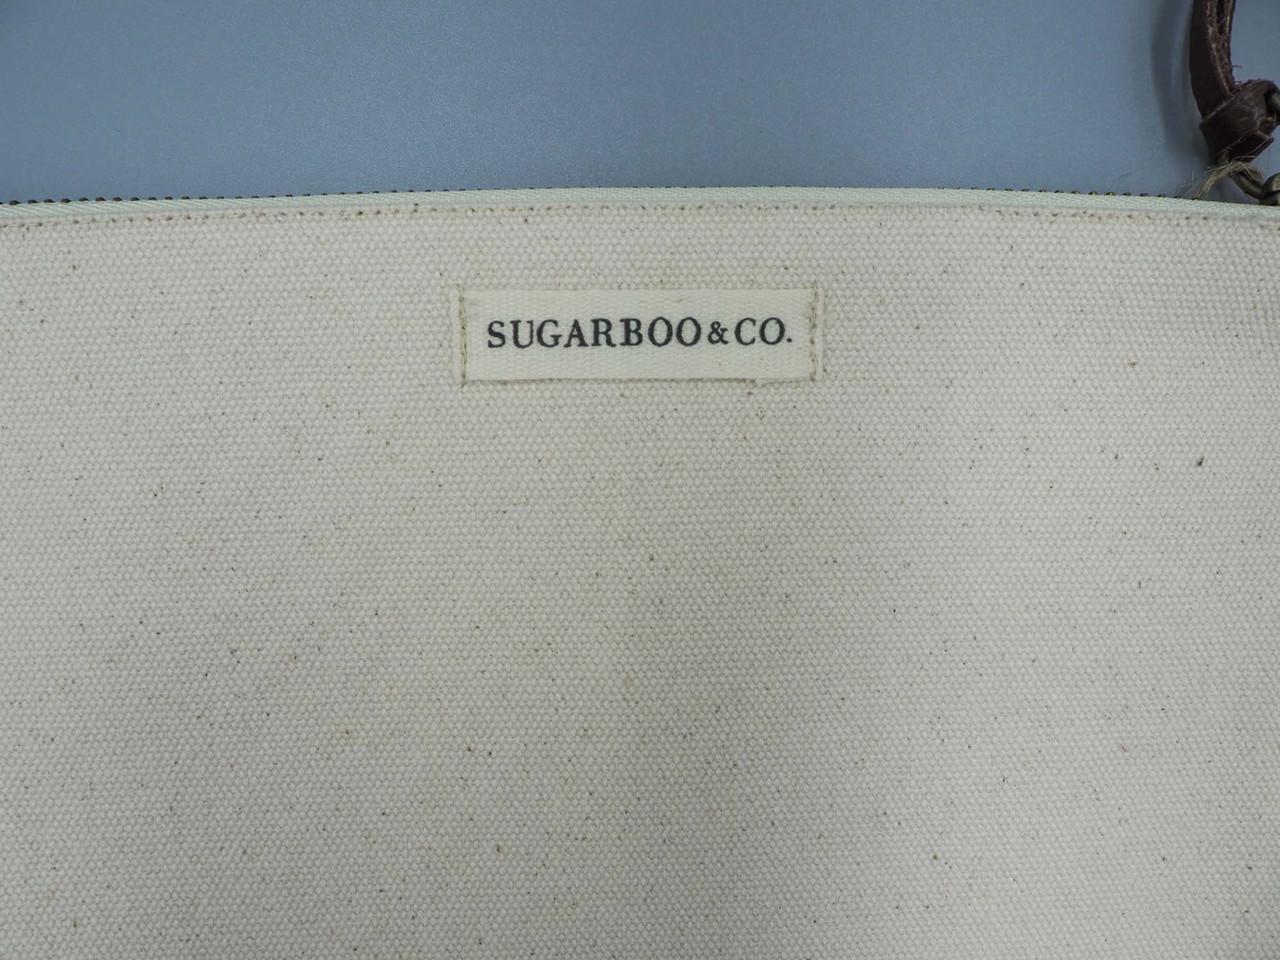 elizabeth taylor canvas pouch sugarboo